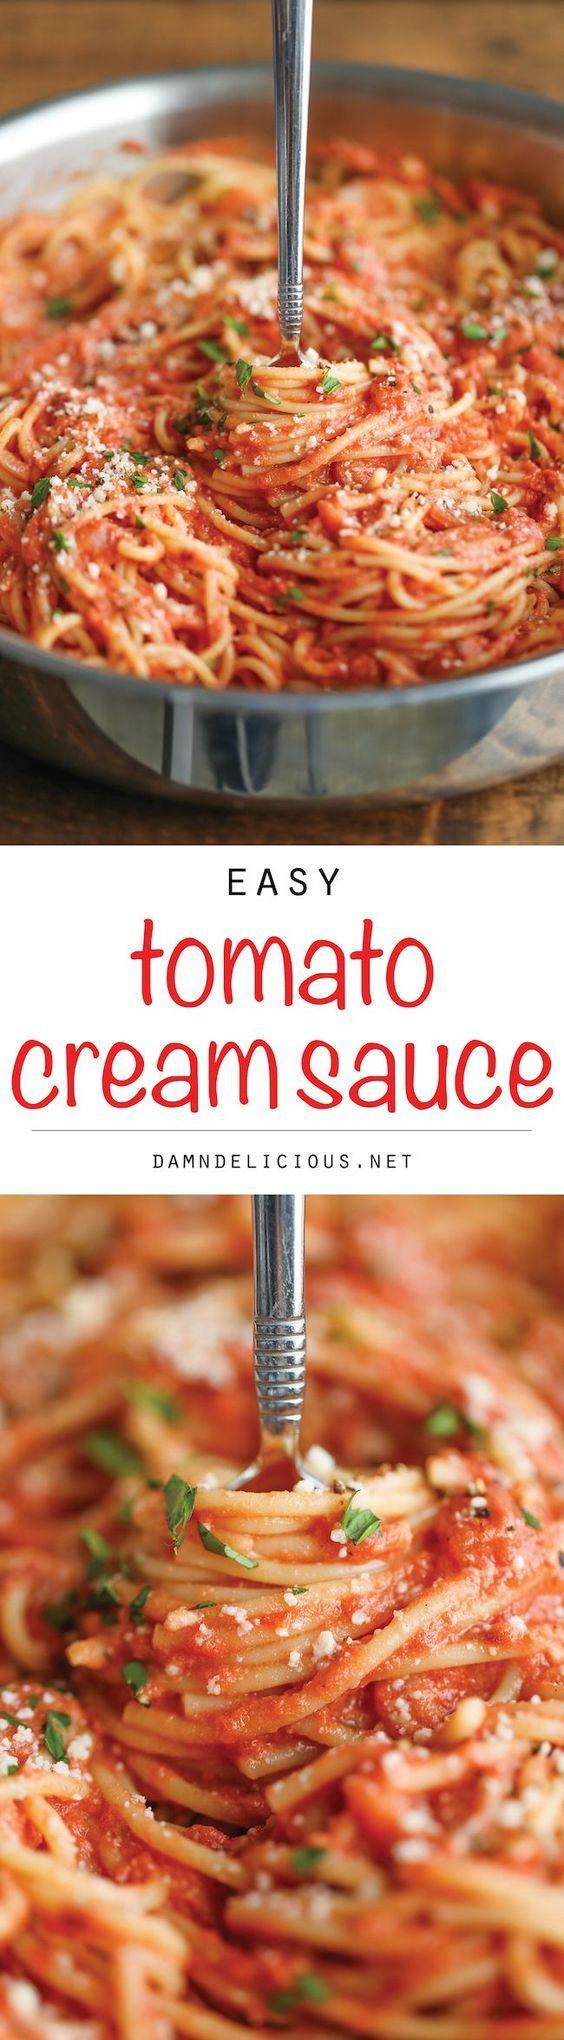 Easy Tomato Cream Sauce - use milk instead of heavy cream